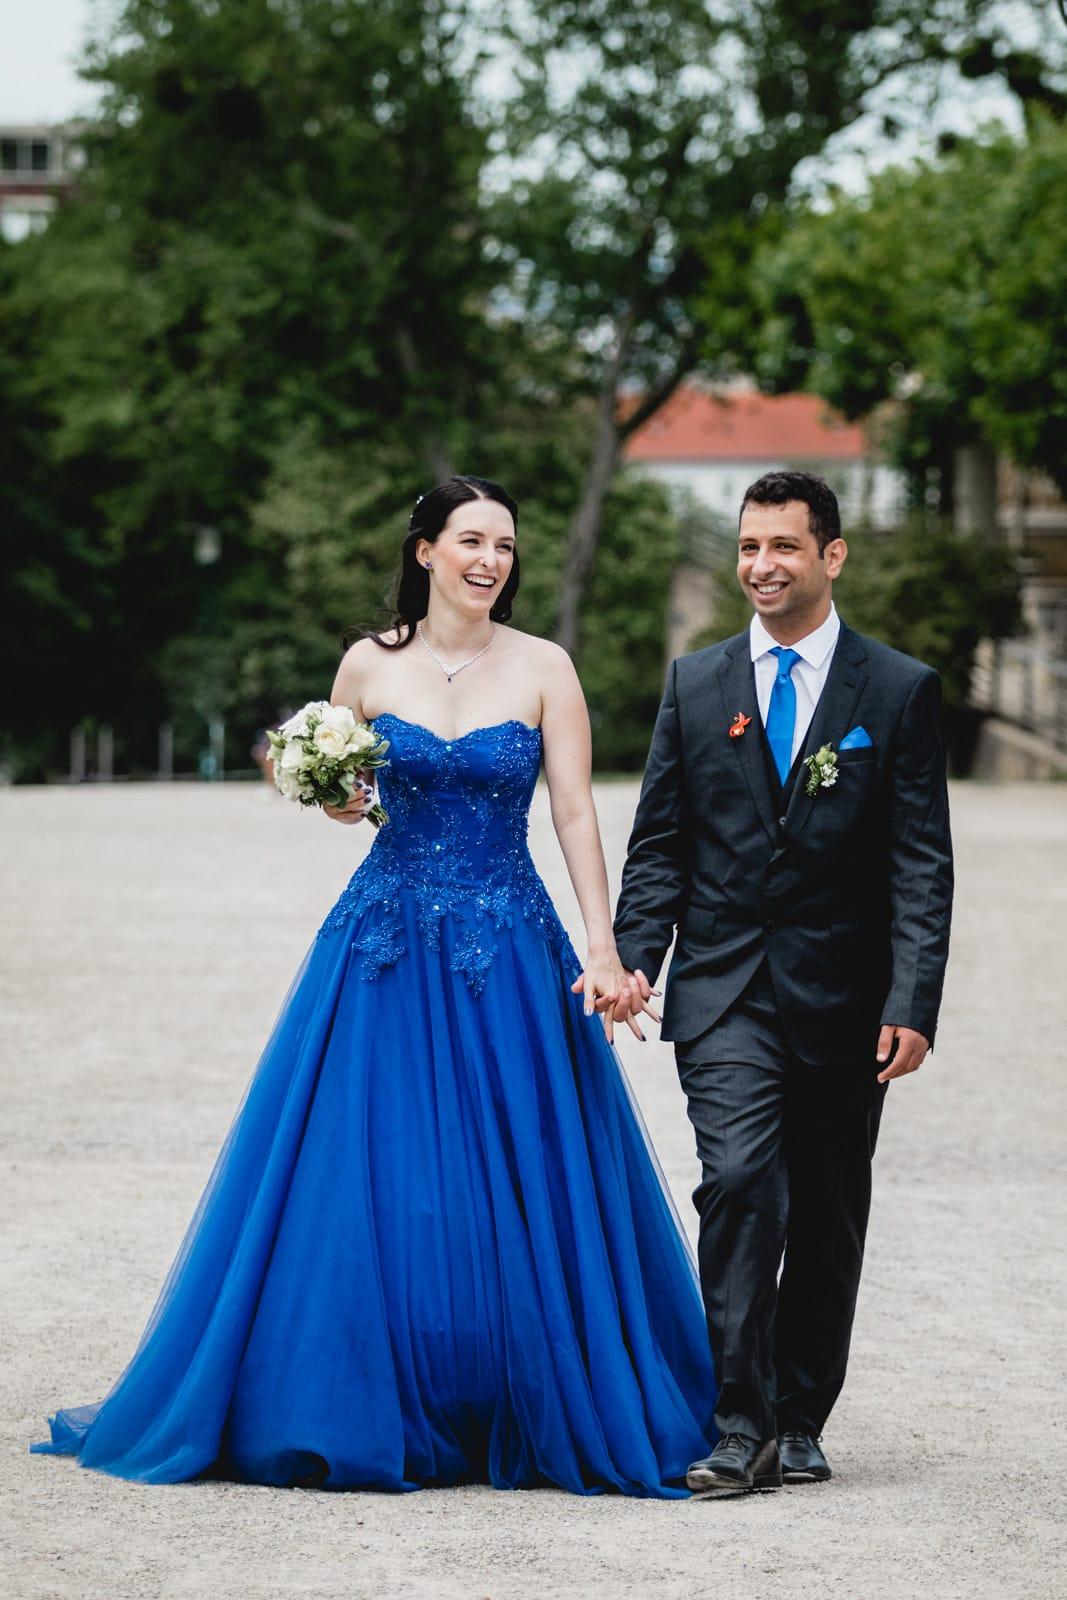 Eine Braut im blauen Brautkleid läuft zusammen mit ihrem Mann Hand in Hand auf der Mathildenhöhe in Darmstadt